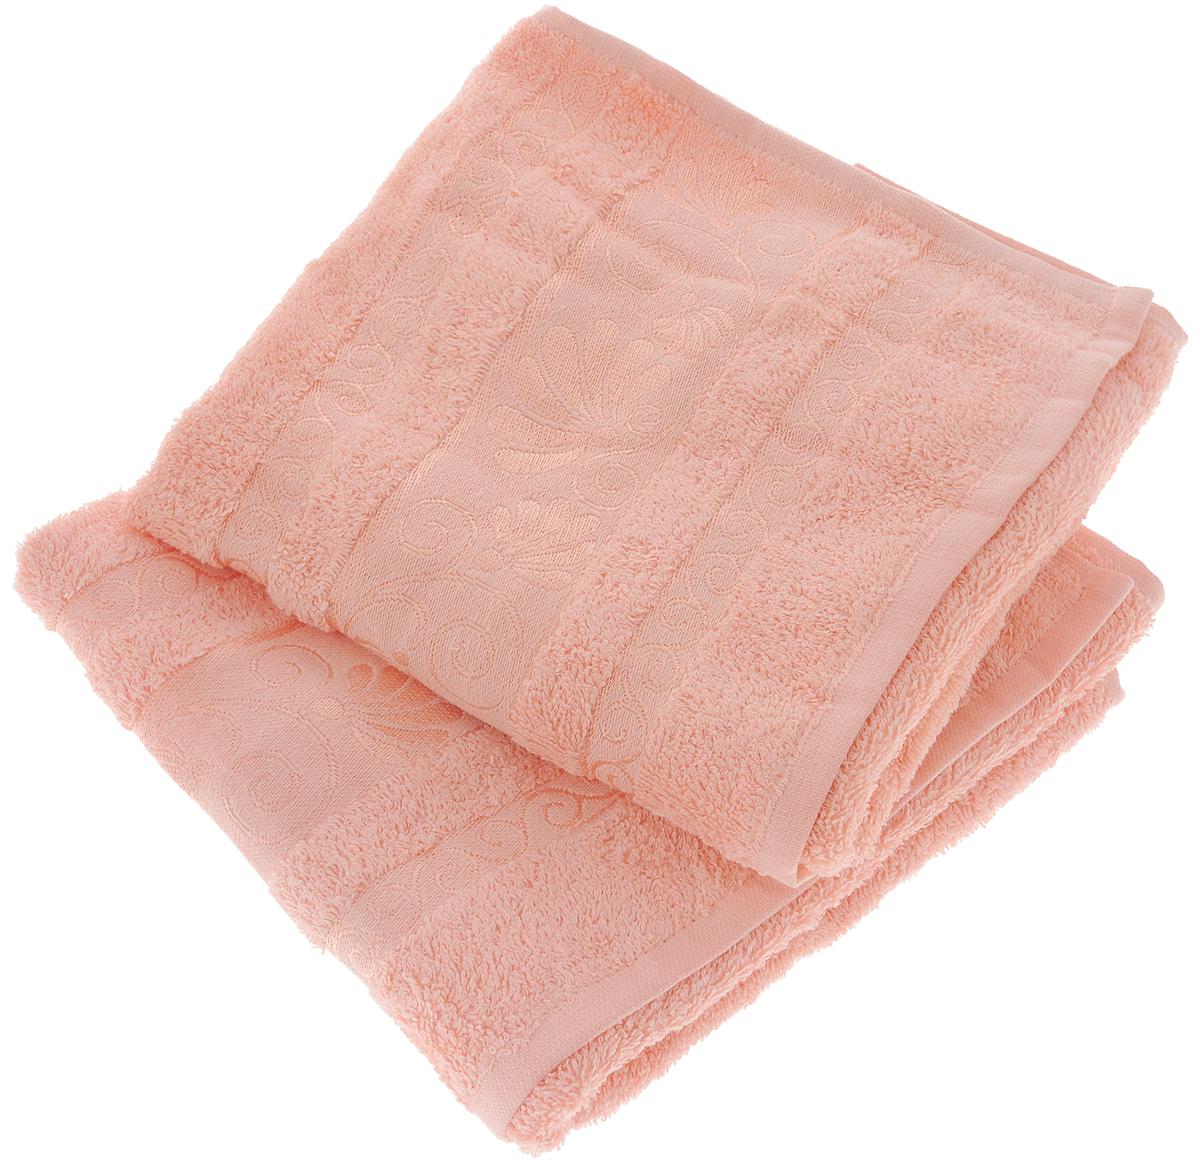 Набор полотенец Tete-a-Tete Цветы, цвет: светло-розовый, 50 х 90 см, 2 штУНП-115-04-2кНабор Tete-a-Tete Цветы состоит из двух махровых полотенец, выполненных из натурального 100% хлопка. Бордюр полотенец декорирован цветочным узором. Изделия мягкие, отлично впитывают влагу, быстро сохнут, сохраняют яркость цвета и не теряют форму даже после многократных стирок.Полотенца Tete-a-Tete Цветы очень практичны и неприхотливы в уходе. Они легко впишутся в любой интерьер благодаря своей нежной цветовой гамме. Набор упакован в красивую коробку и может послужить отличной идеей подарка. Размер полотенец: 50 х 90 см.